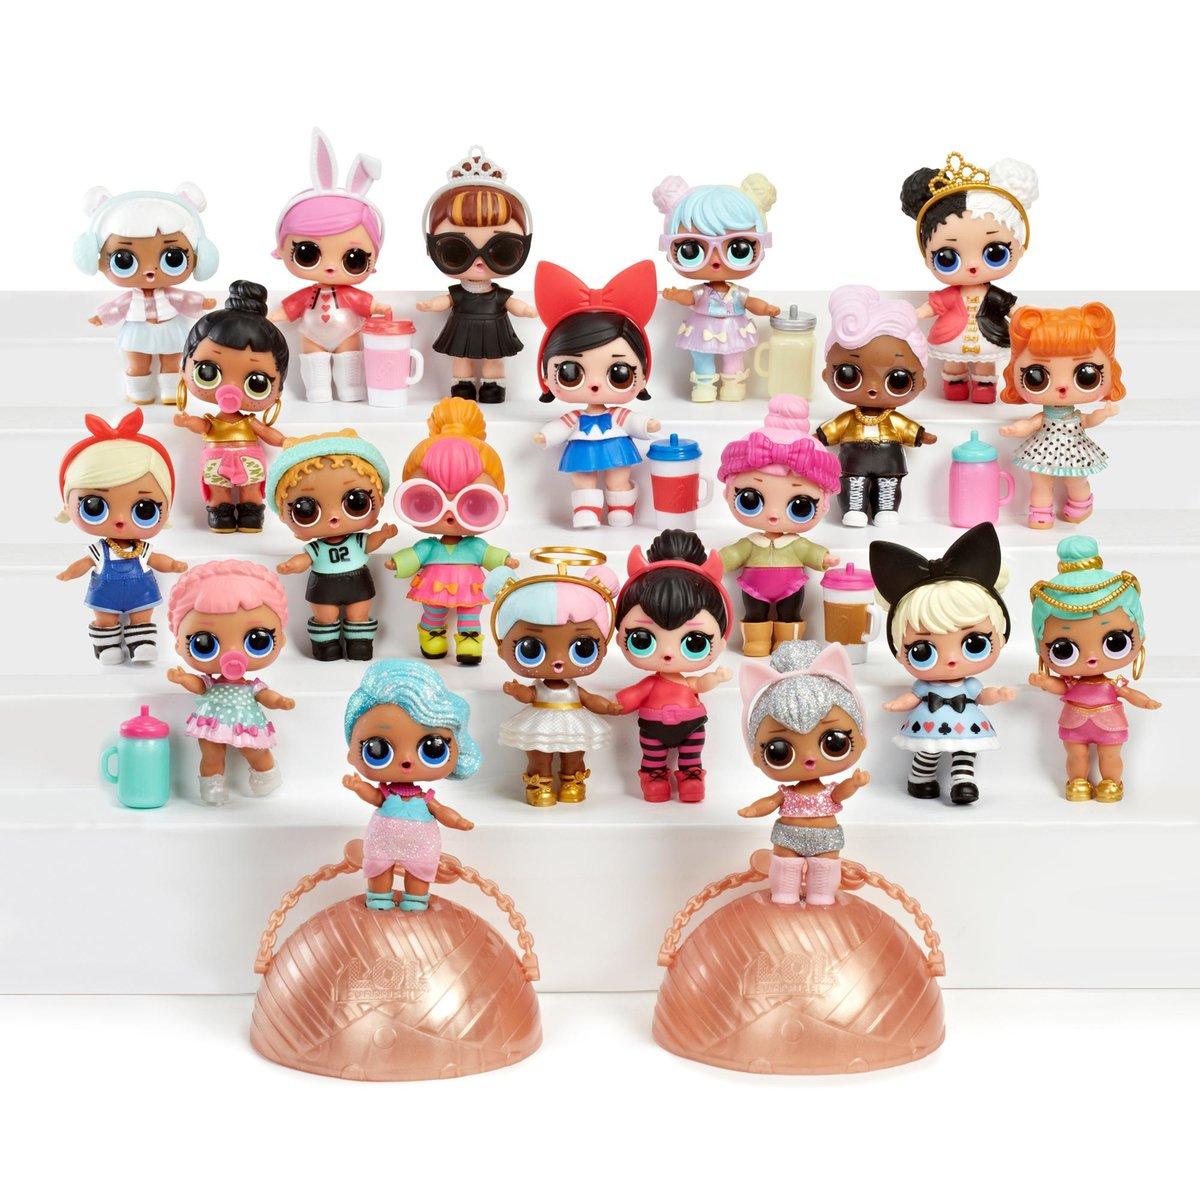 Открытки, картинки коллекция куклы лол